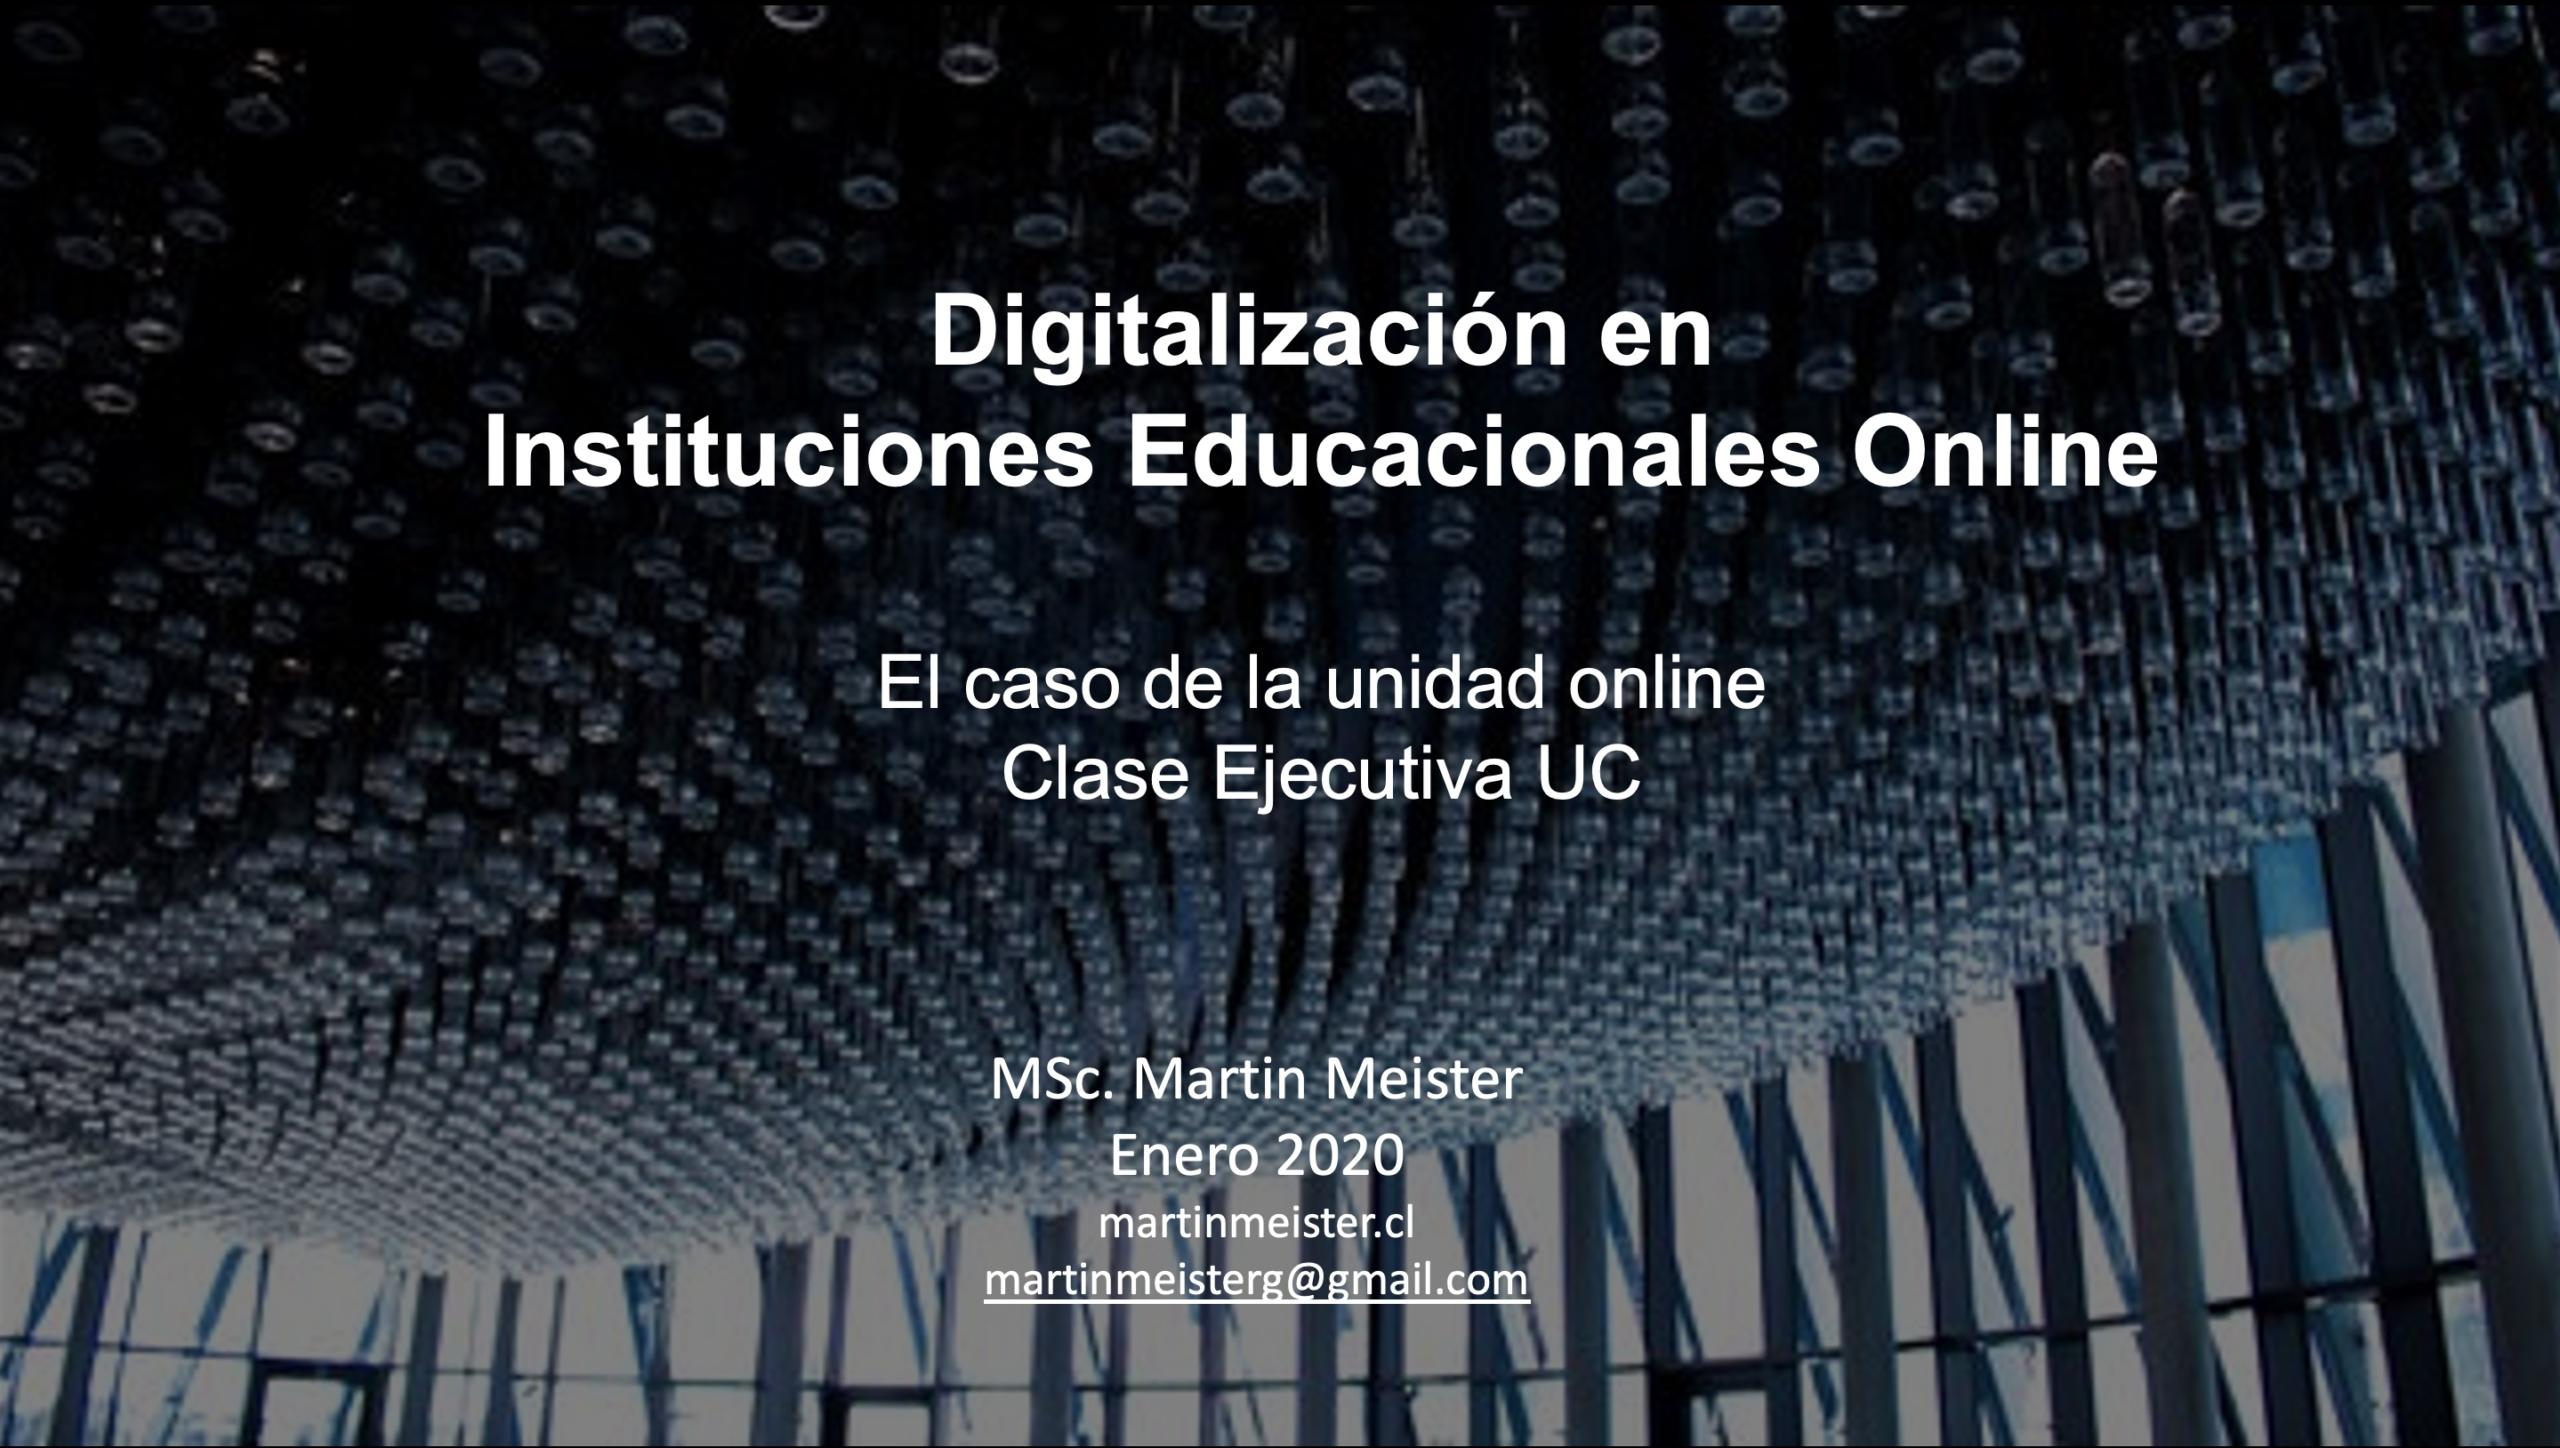 Digitalización en Instituciones Educacionales Online - Martin Meister